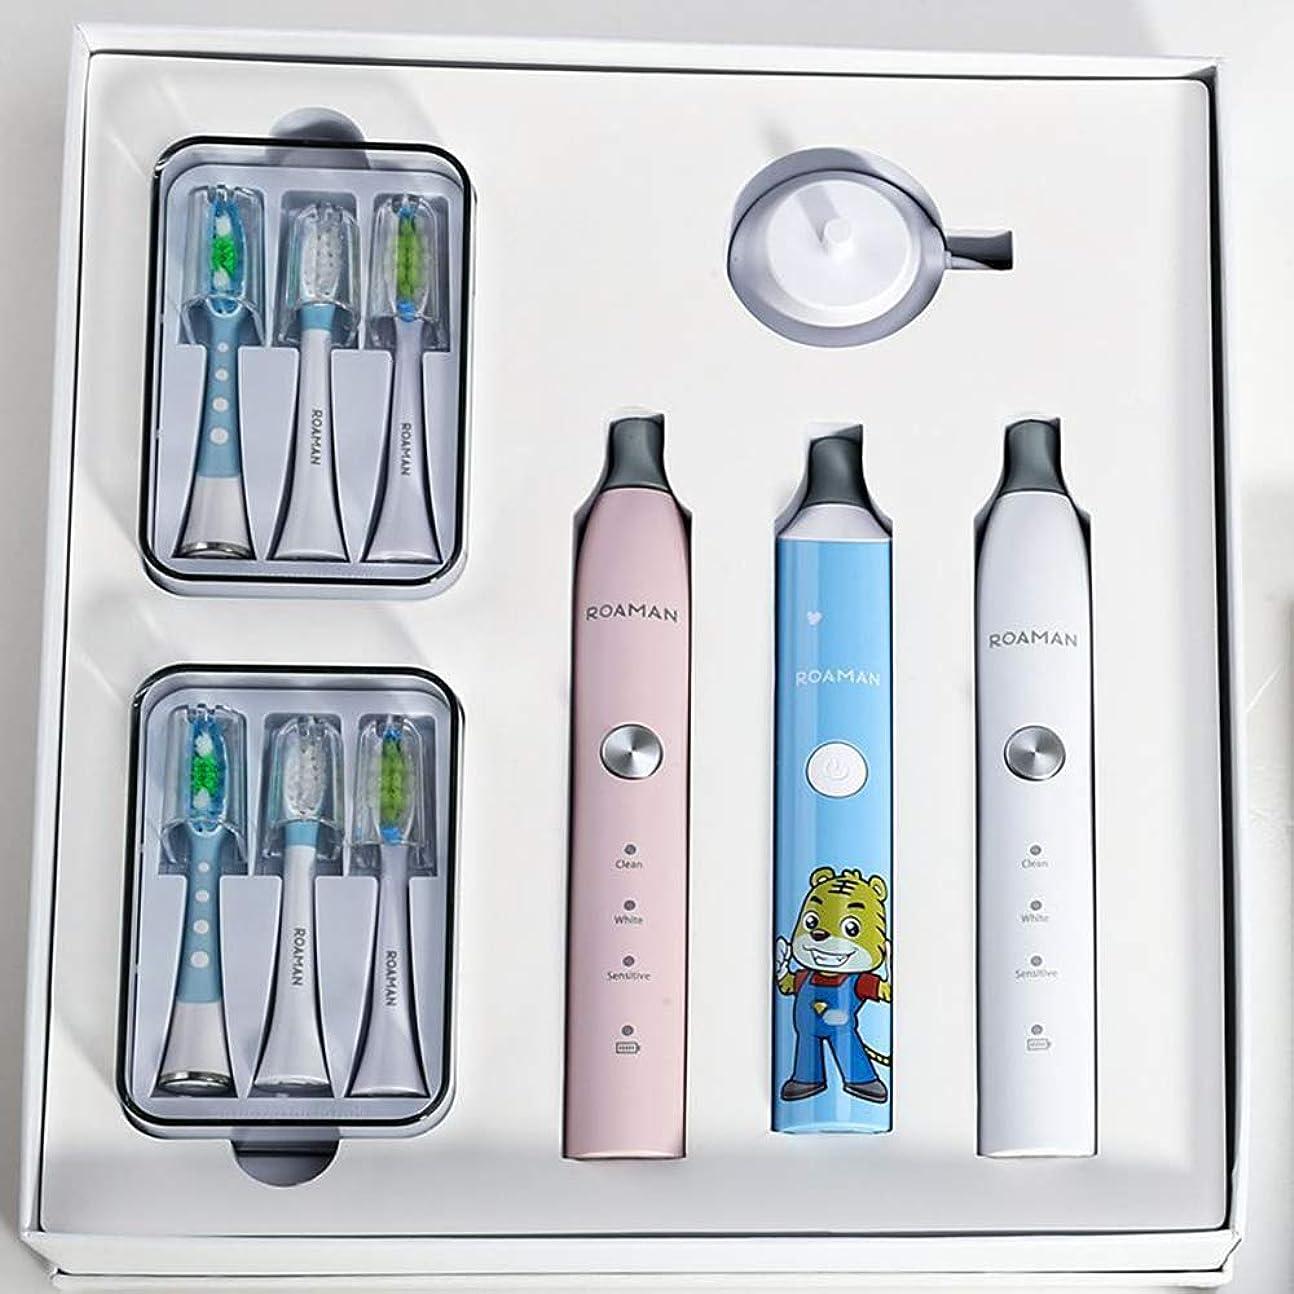 本体製造傭兵歯ブラシファミリーセット高級ギフトボックス歯ブラシ大人子供歯ブラシコンビネーションセット歯ブラシ